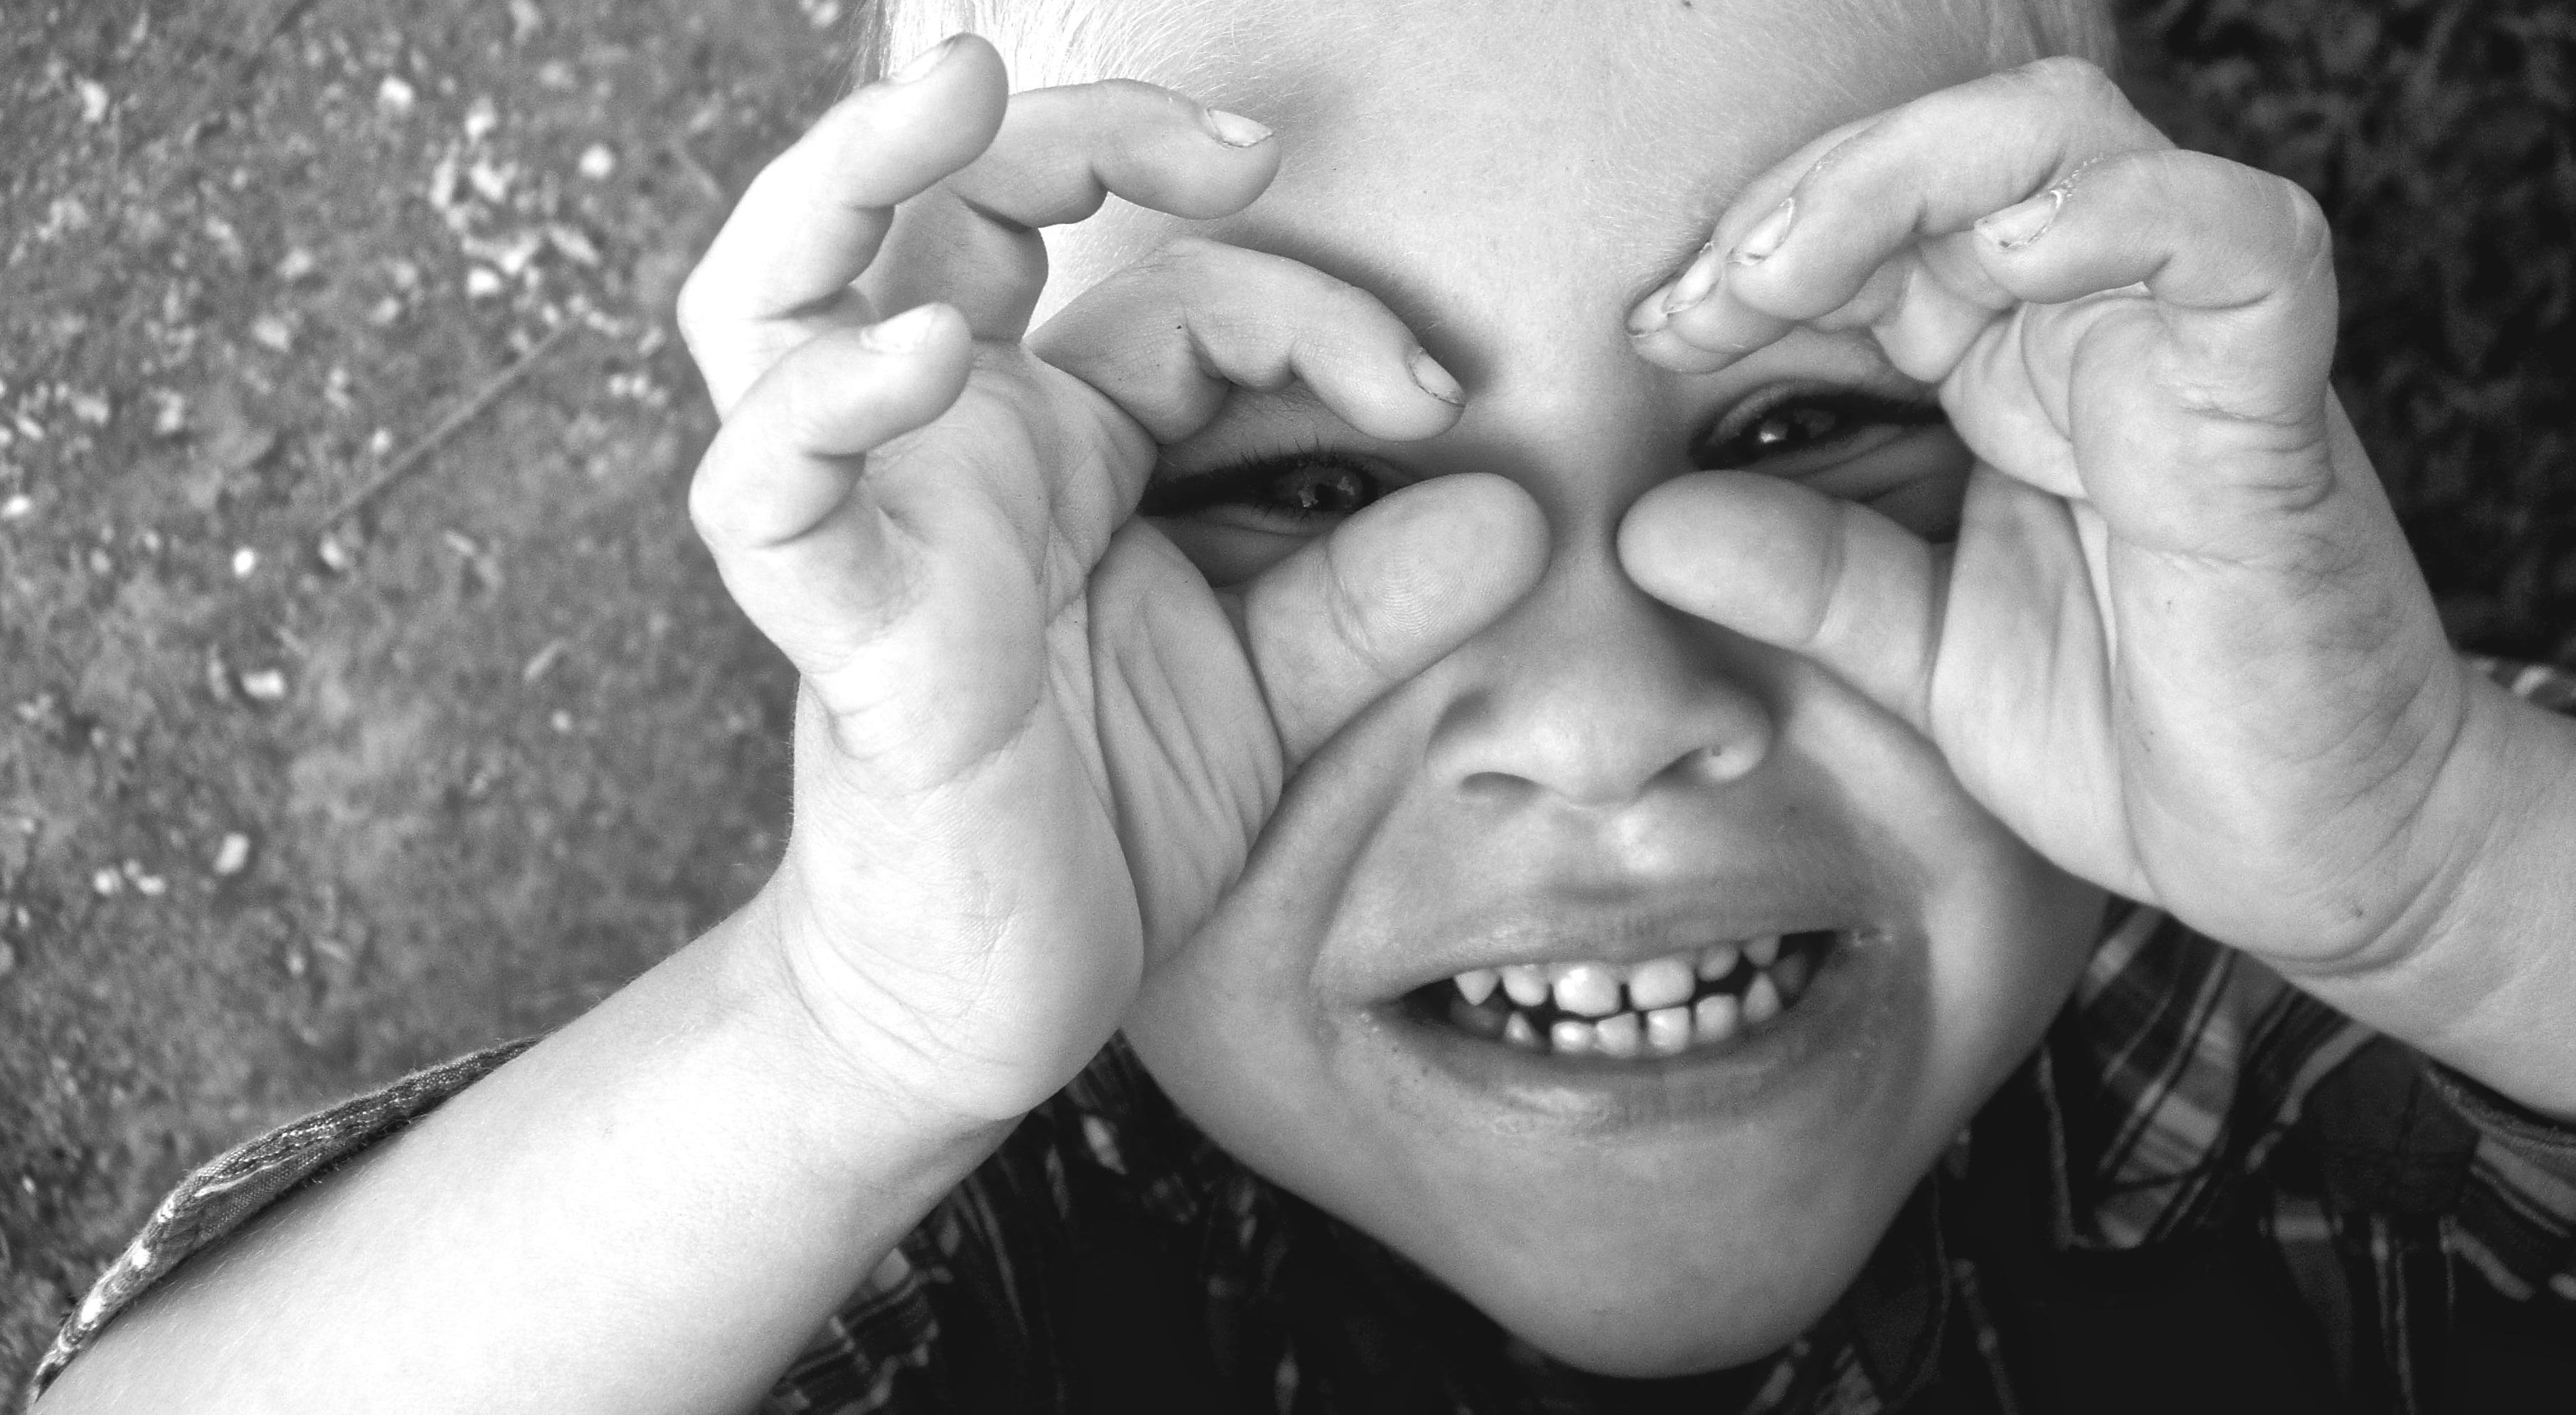 Як пояснити дитині про кордони тіла?